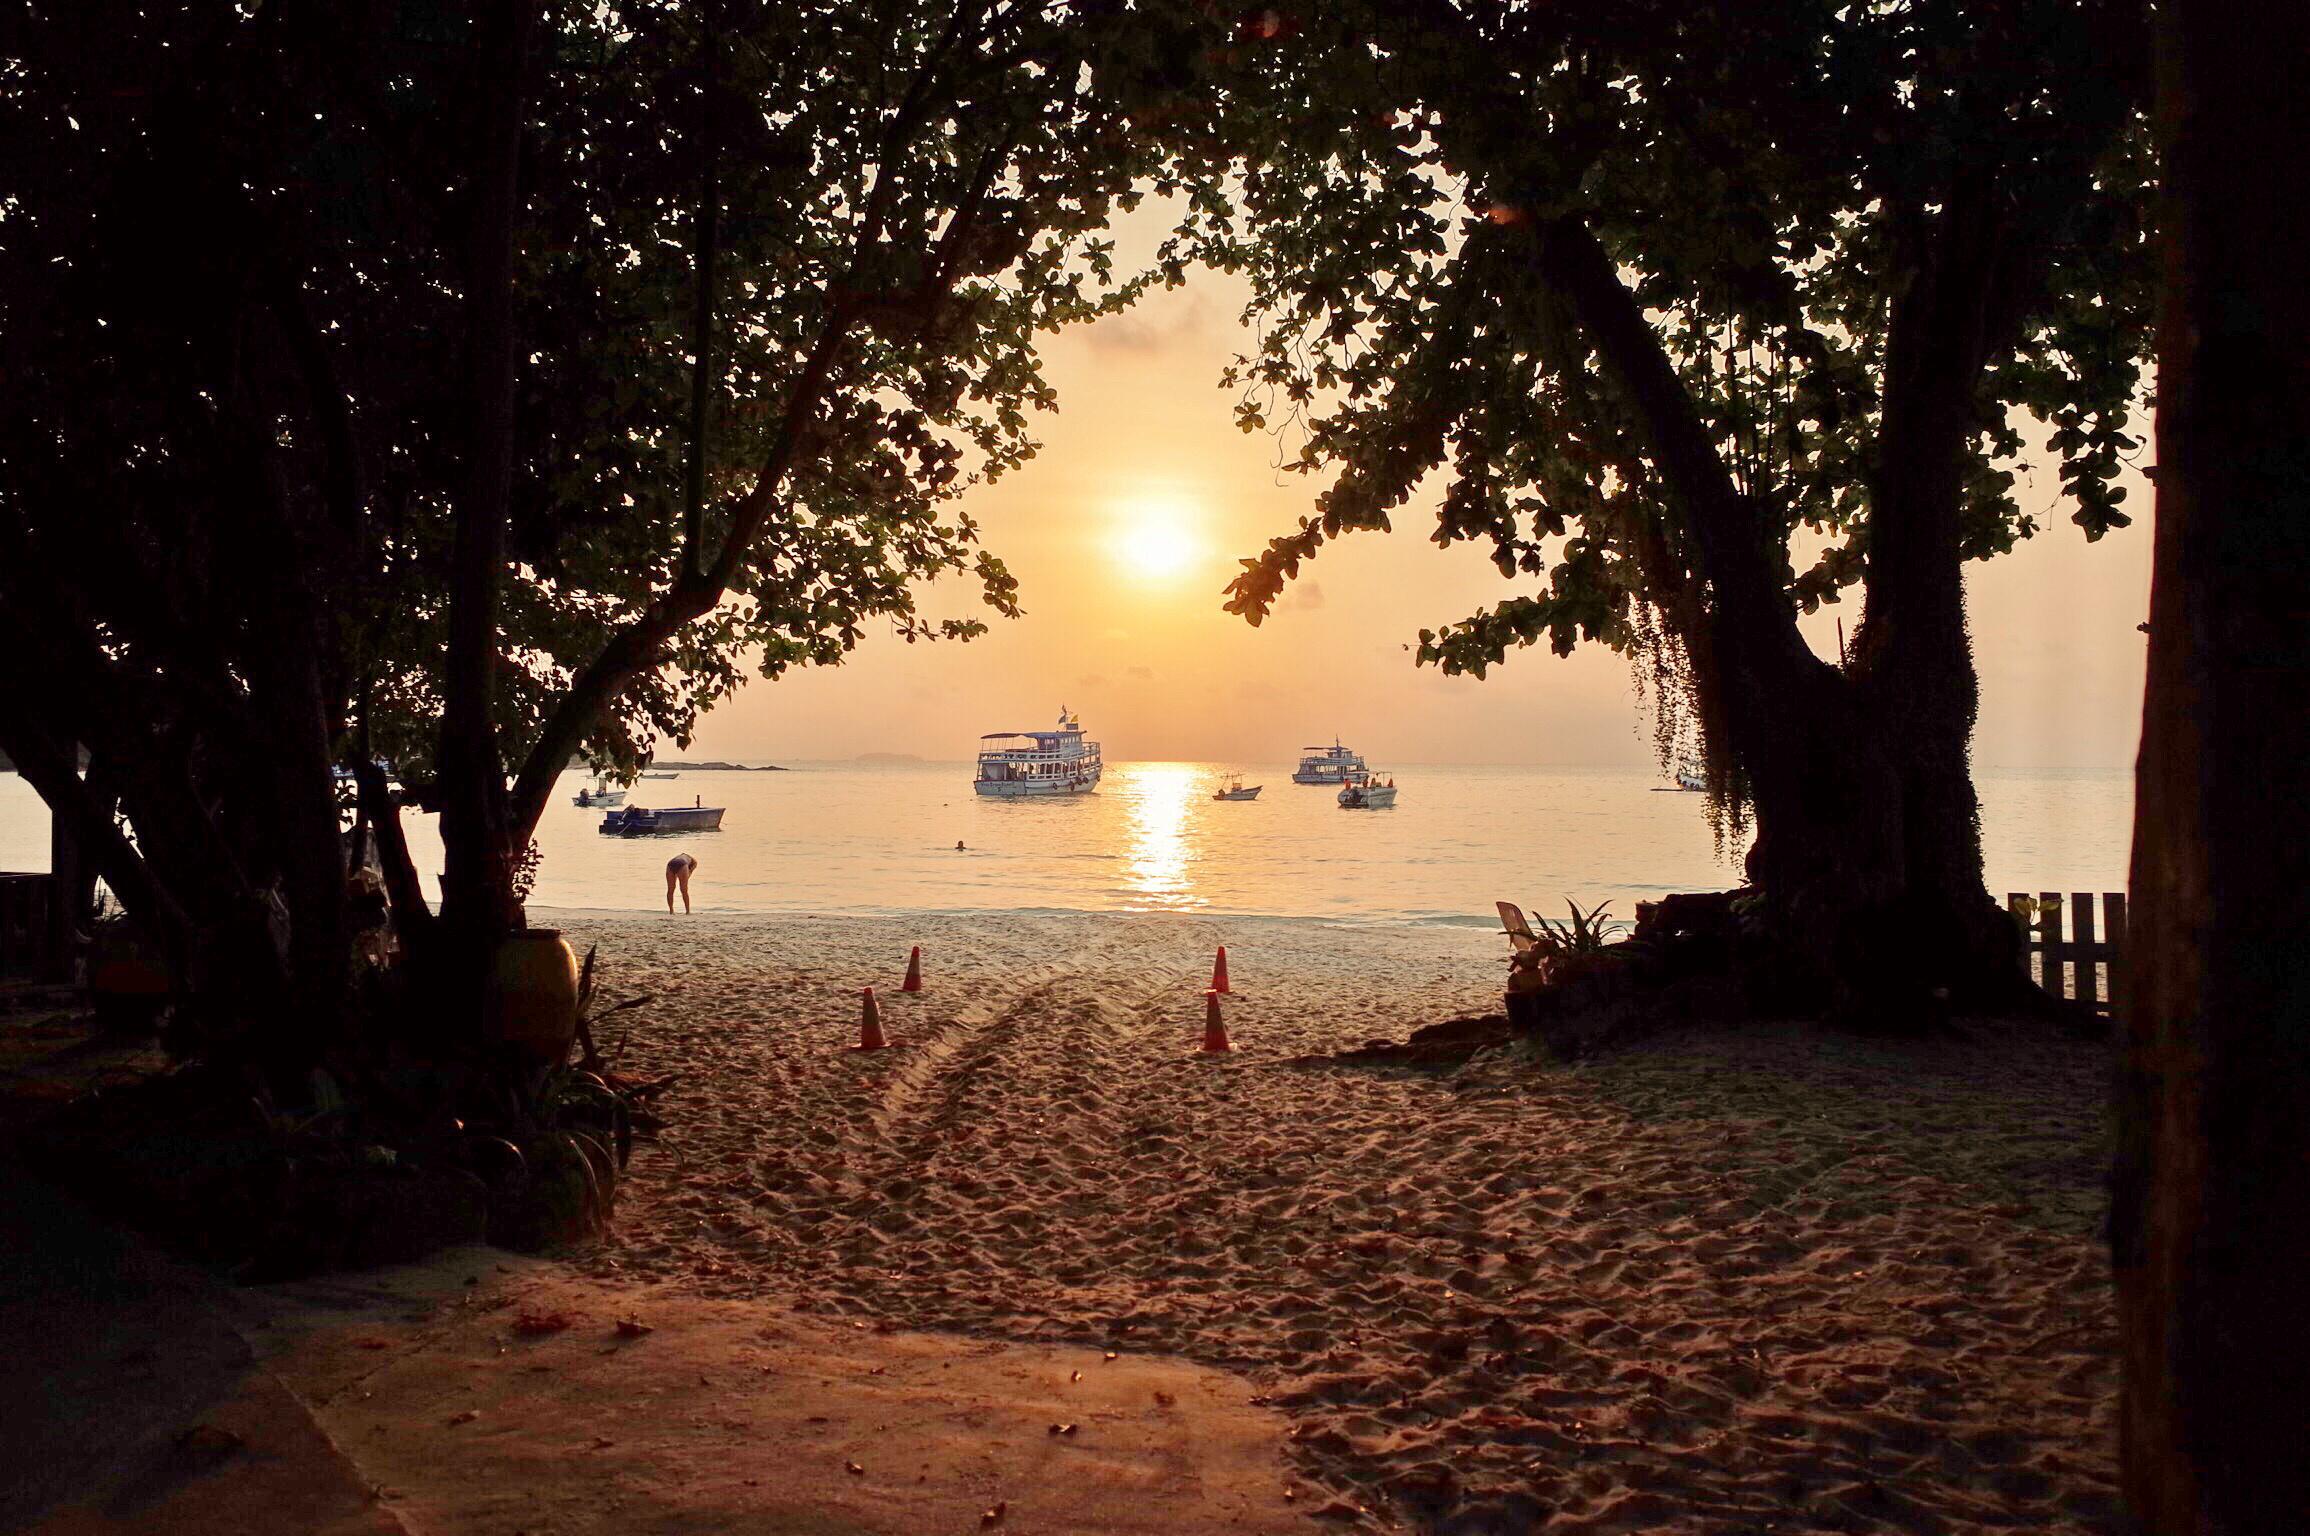 リコー GR | 自画自賛するよ。サメット島で海がキレイに撮れた!セミナー受けておいてよかった